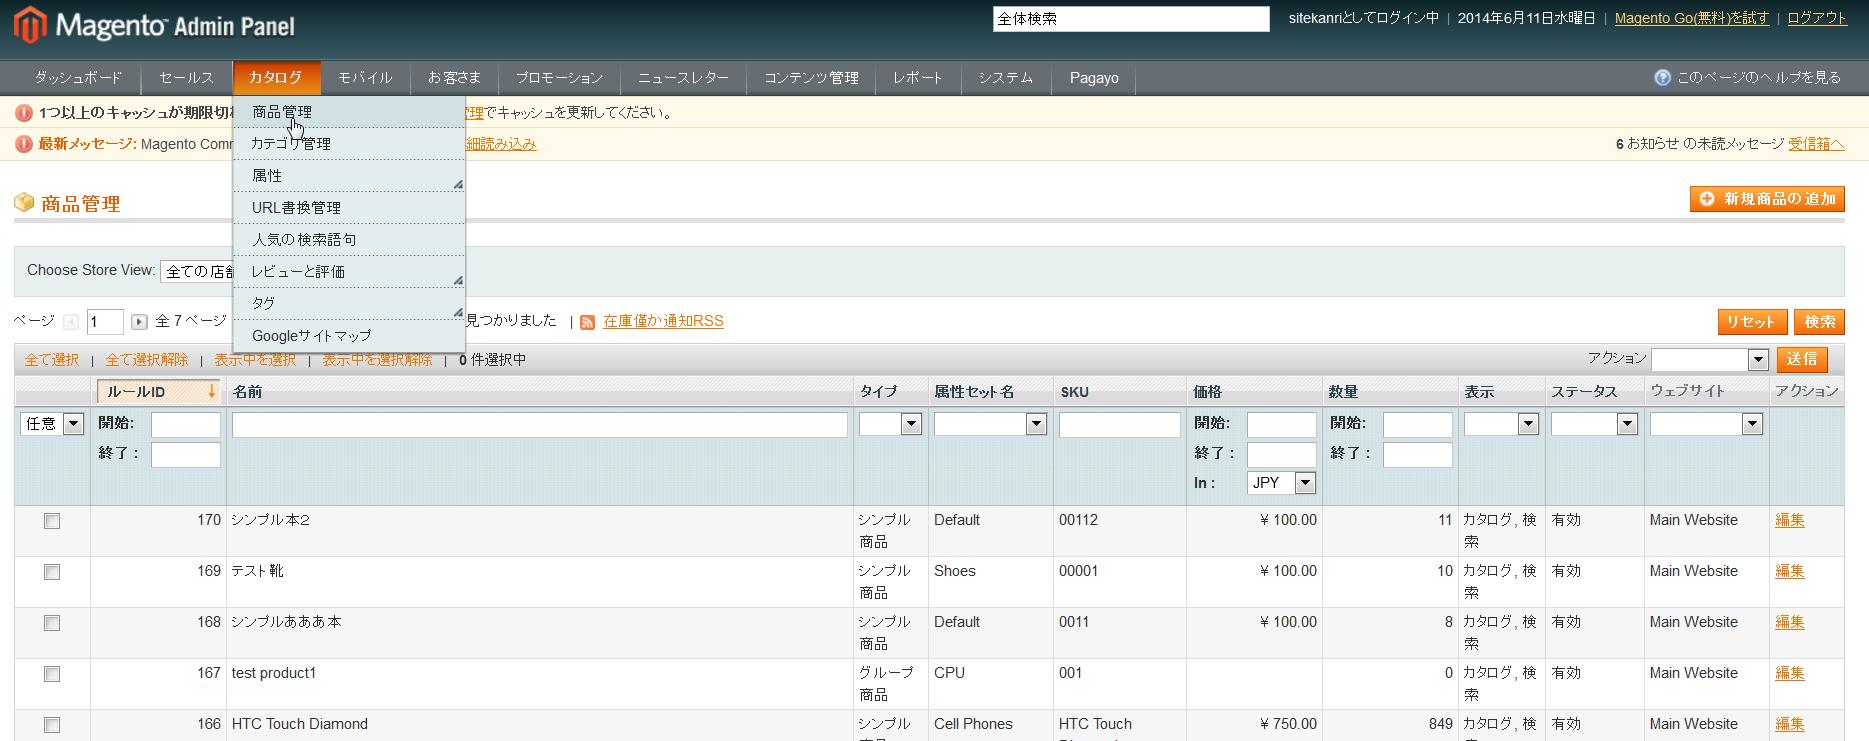 2014-06-10 10_49_30-商品管理 _ カタログ _ Magento管理画面